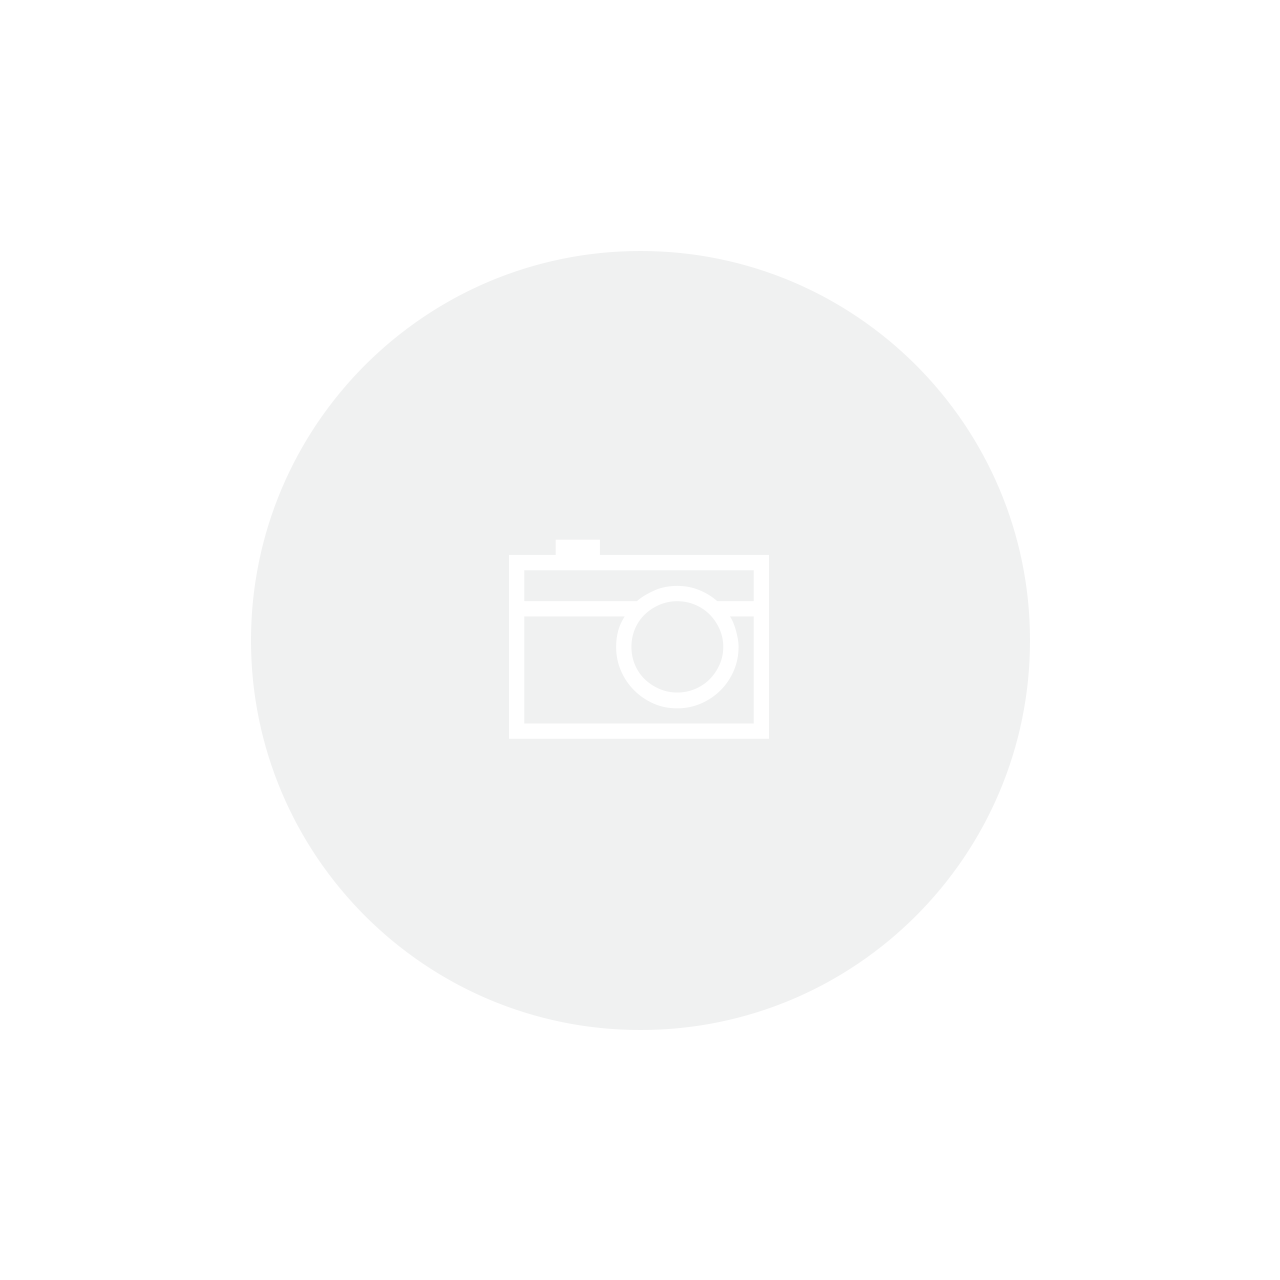 Papel Textura Color Plus 180g - Ref. 09 Brasil